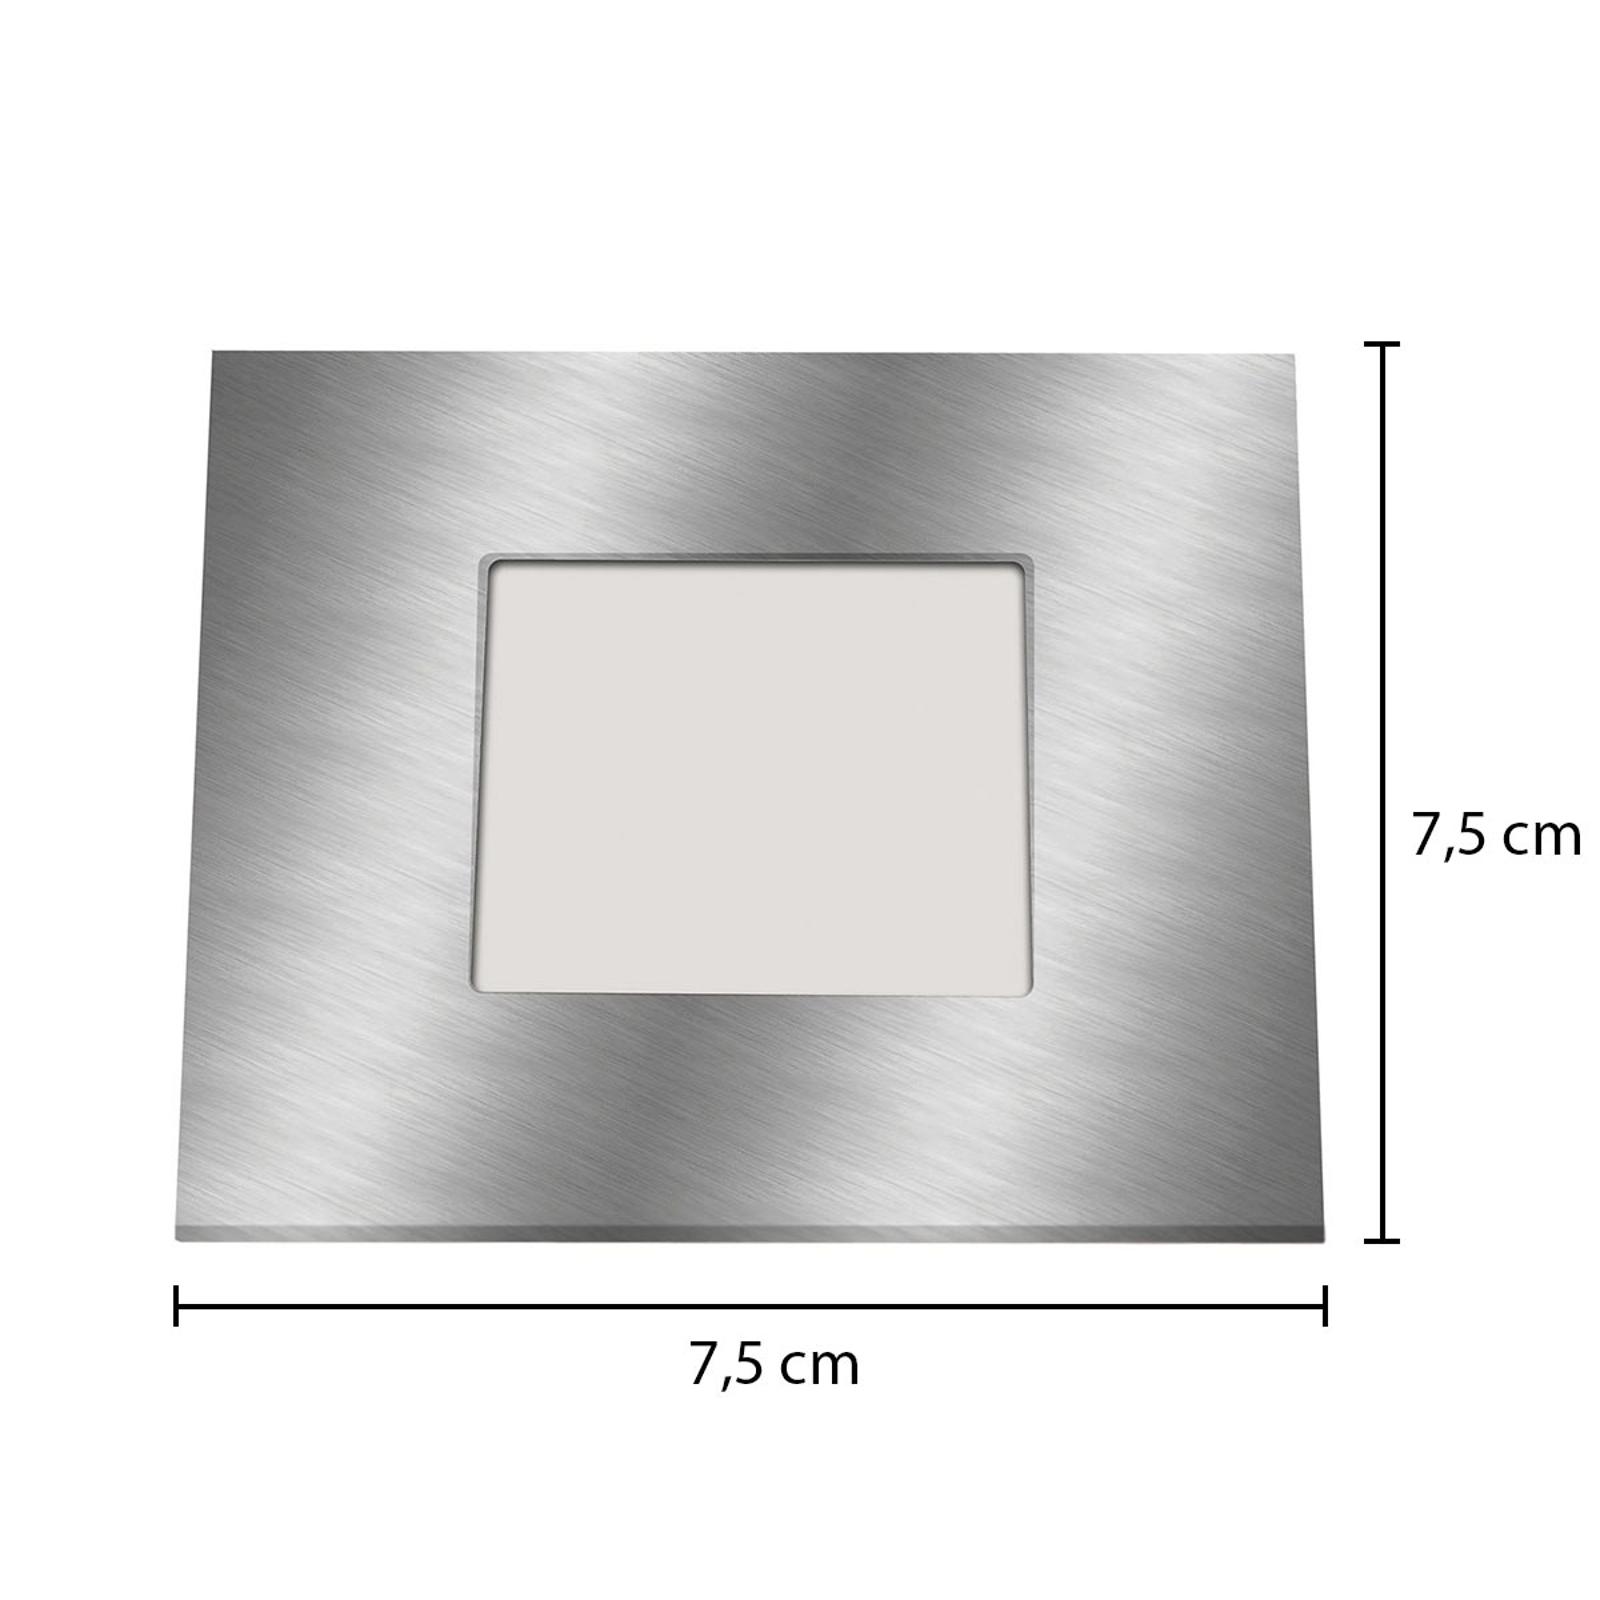 LED innbyggingslampe for innbyggingsboks, sølv